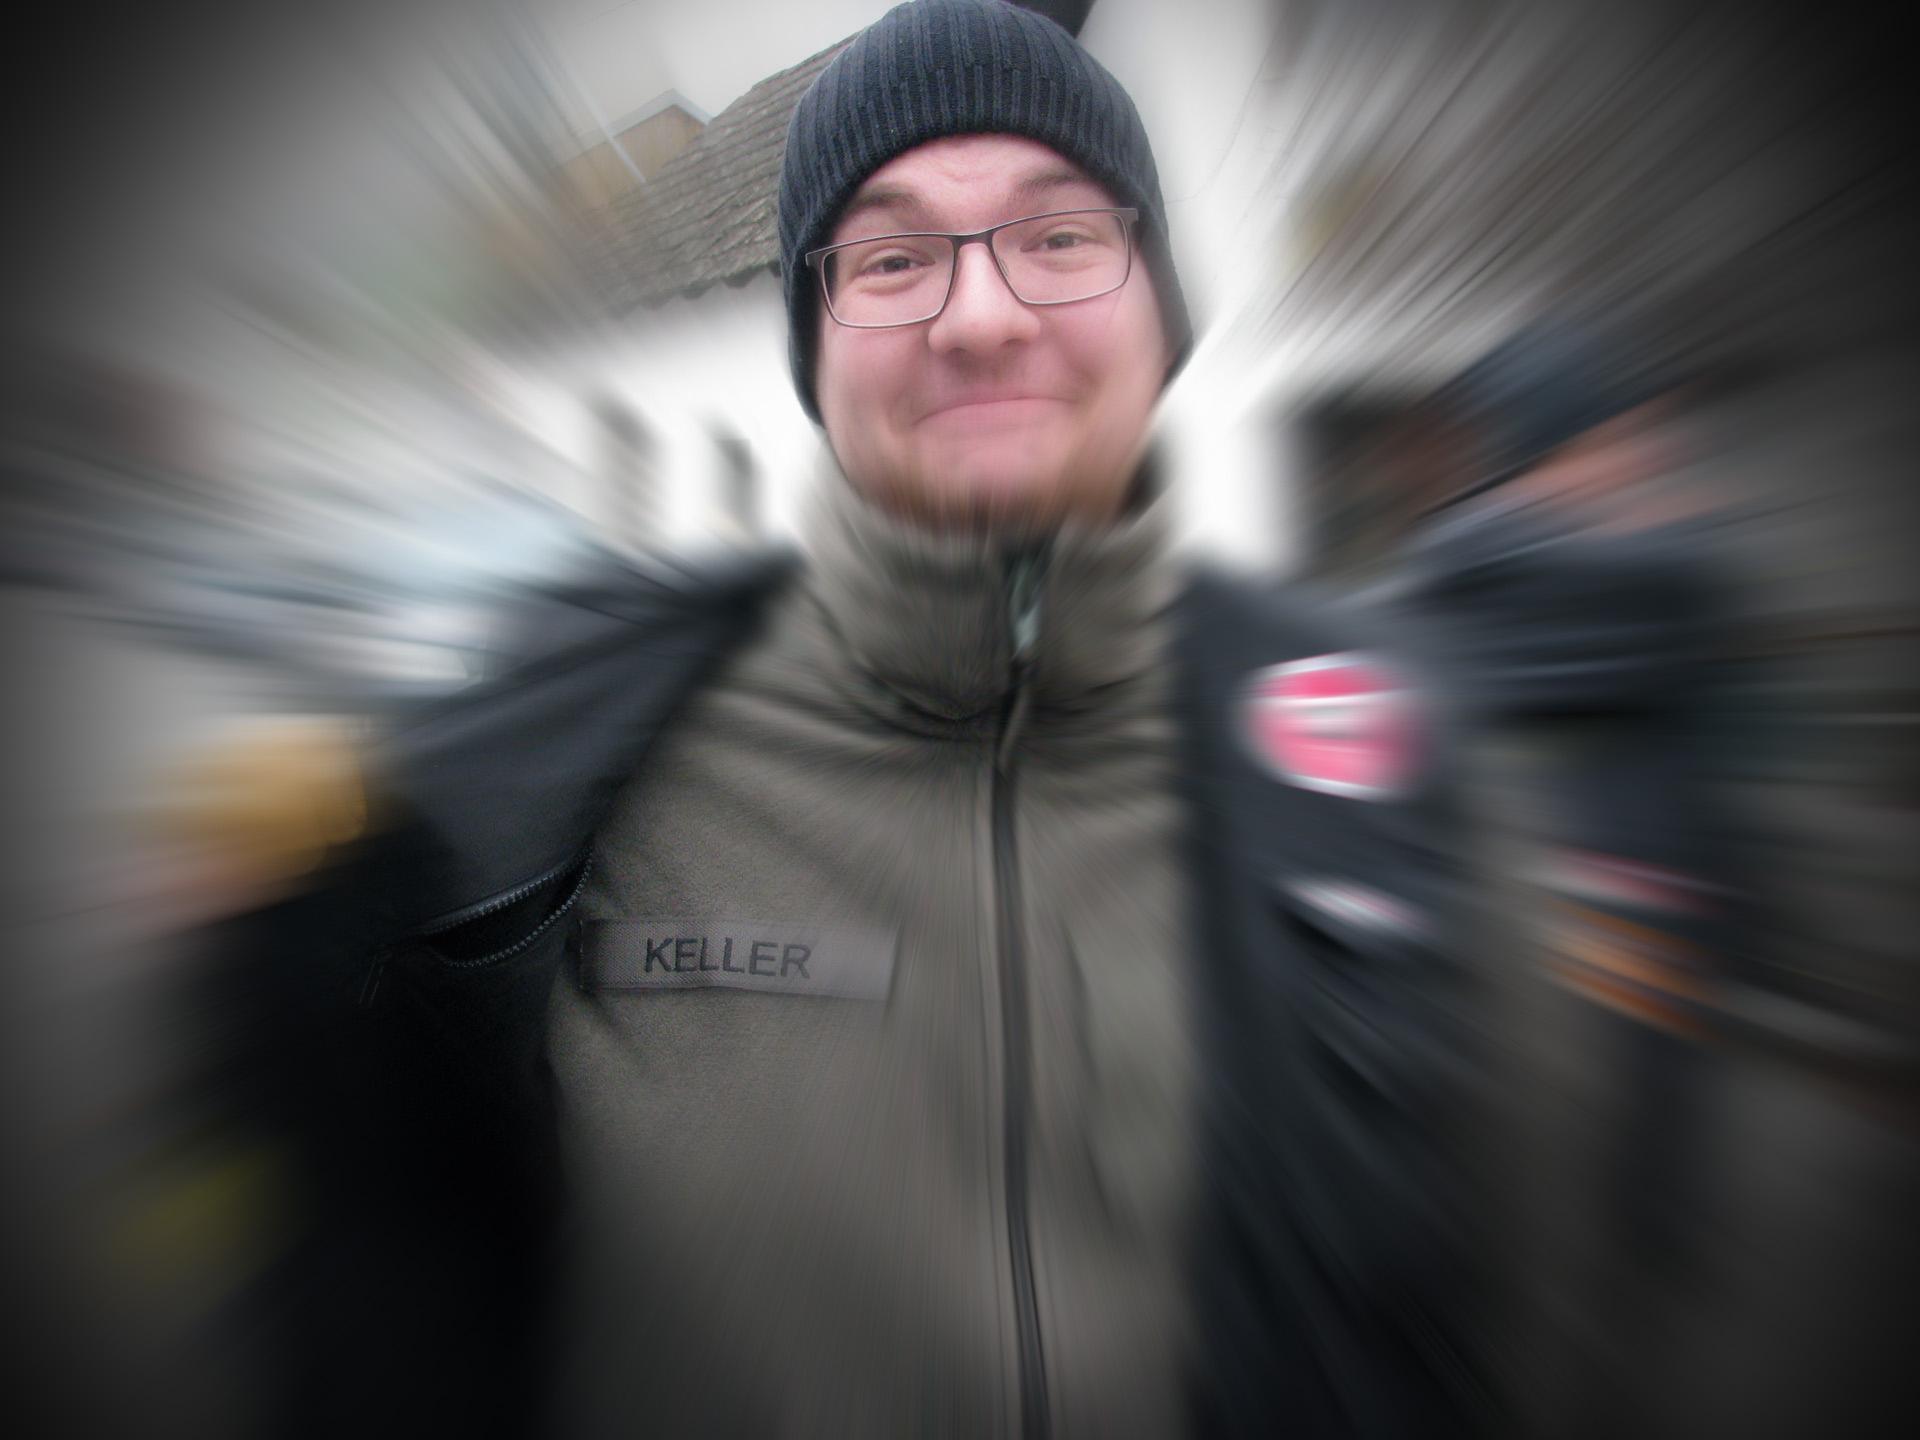 Kellergassenturnier 2018 (34)